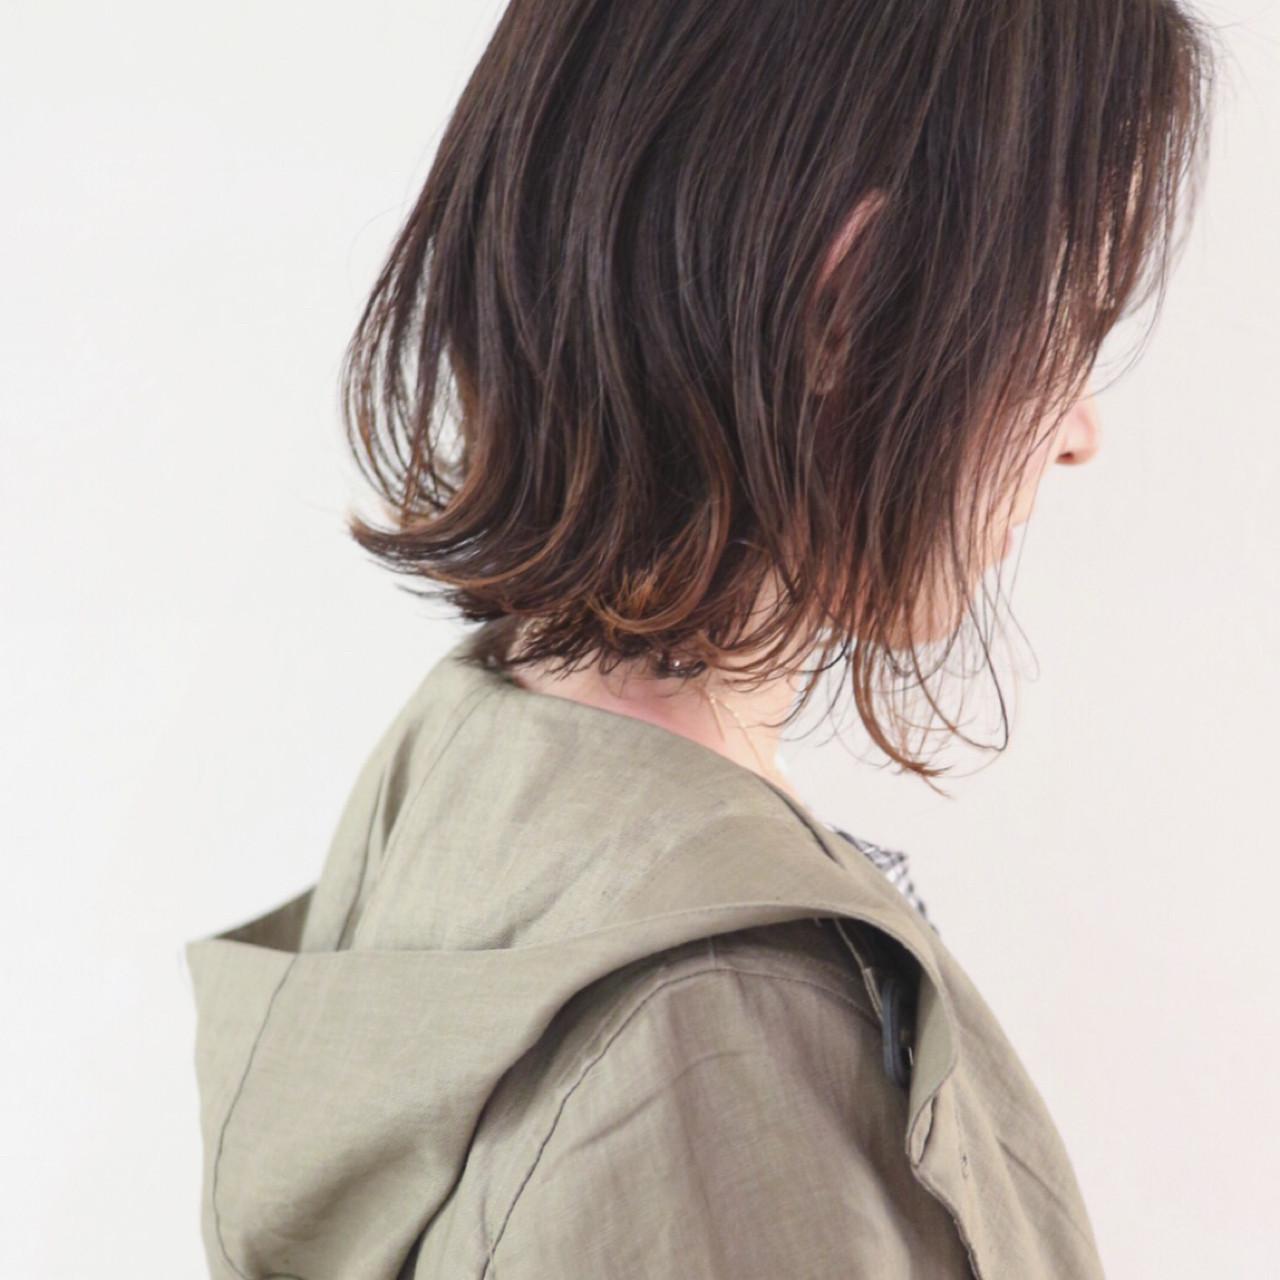 インナーカラー ハイライト ボブ グラデーションカラー ヘアスタイルや髪型の写真・画像